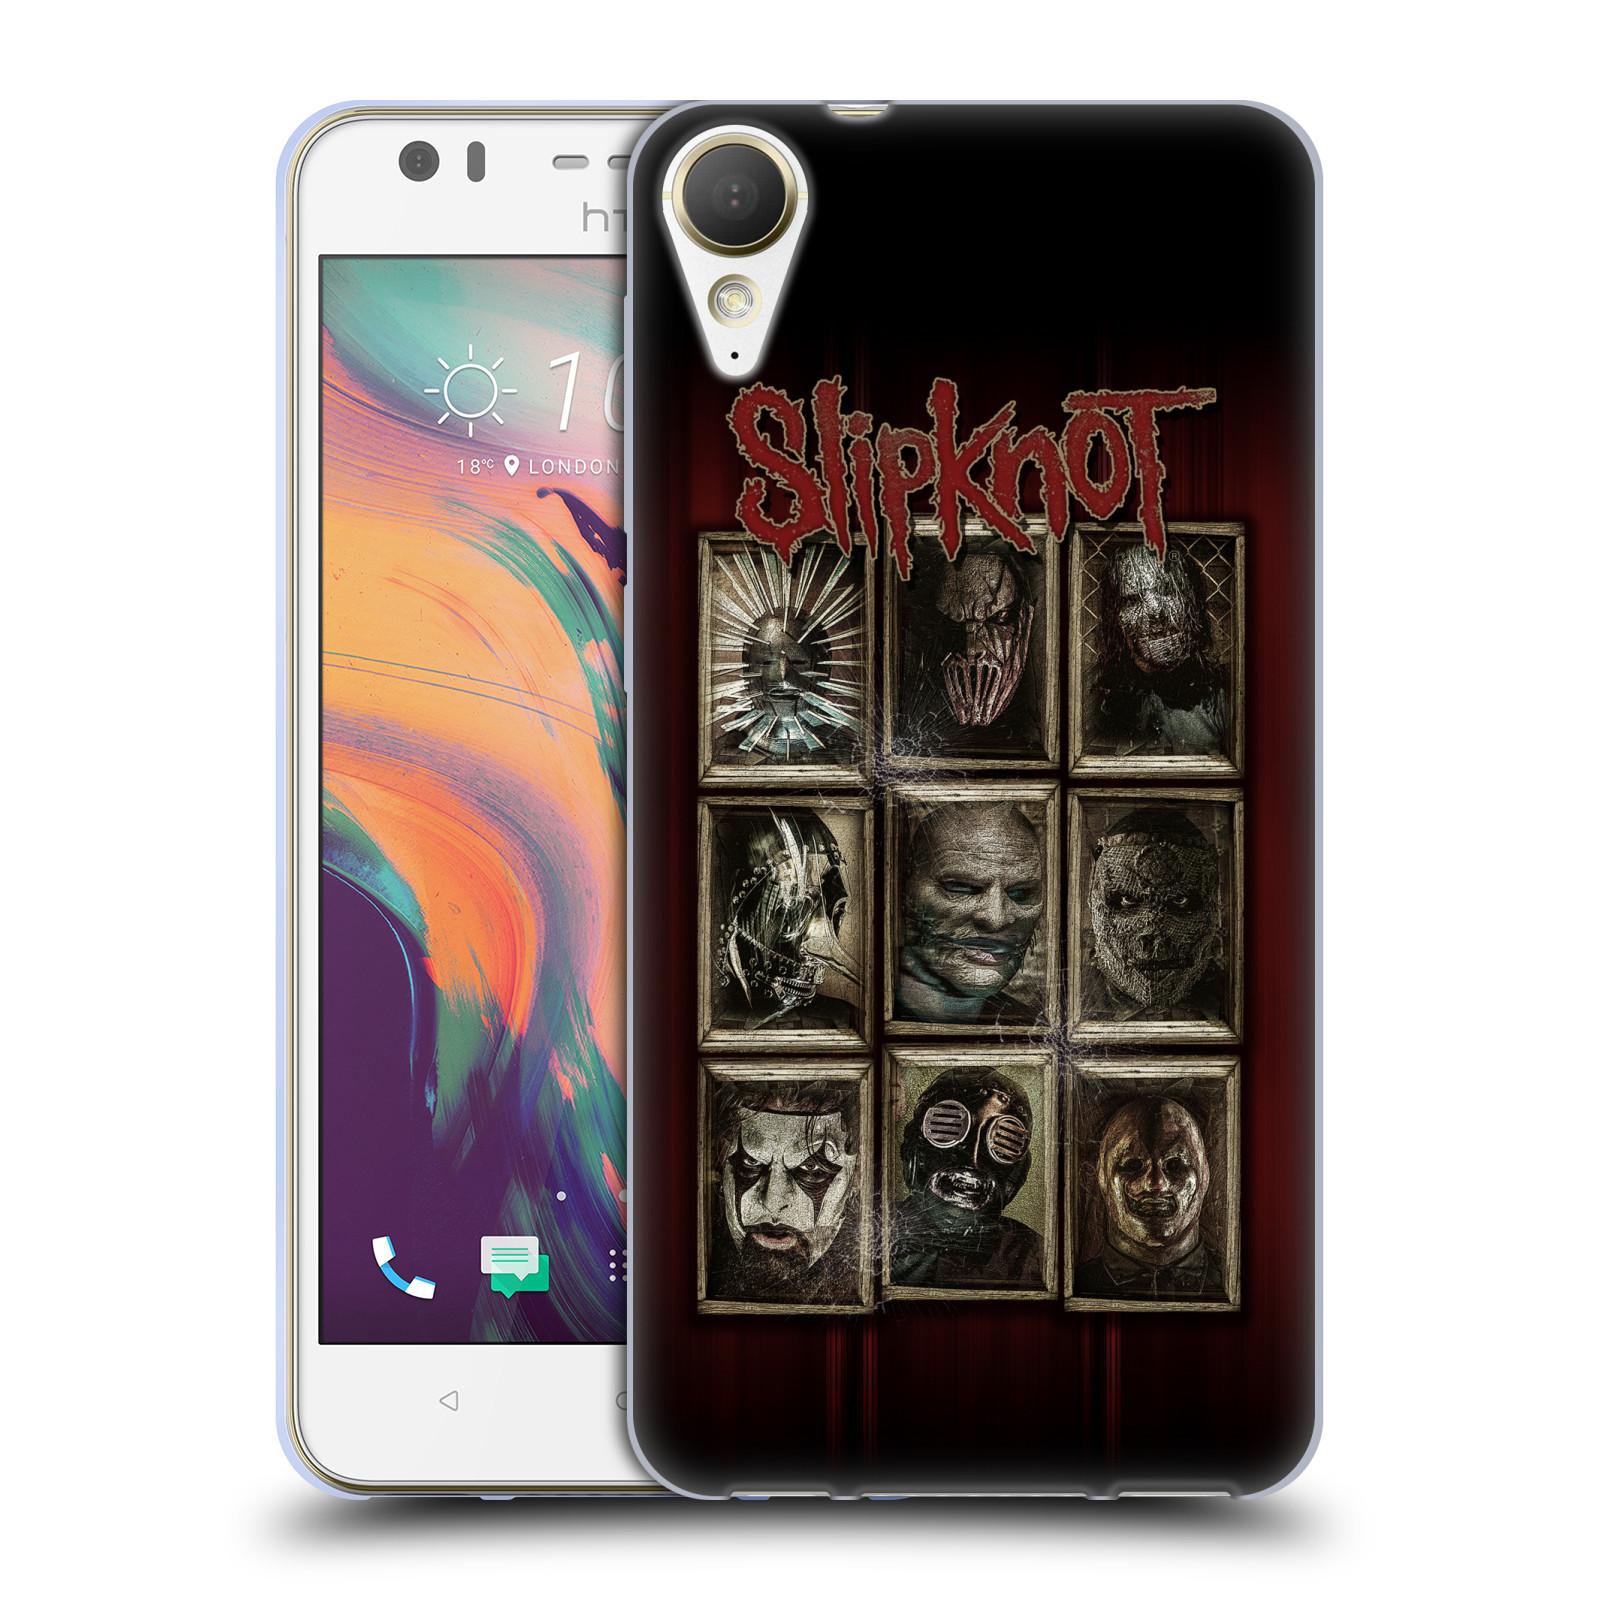 Silikonové pouzdro na mobil HTC Desire 10 Lifestyle - Head Case - Slipknot - Masky (Silikonový kryt či obal na mobilní telefon HTC Desire 10 Lifestyle s motivem Slipknot - Masky)